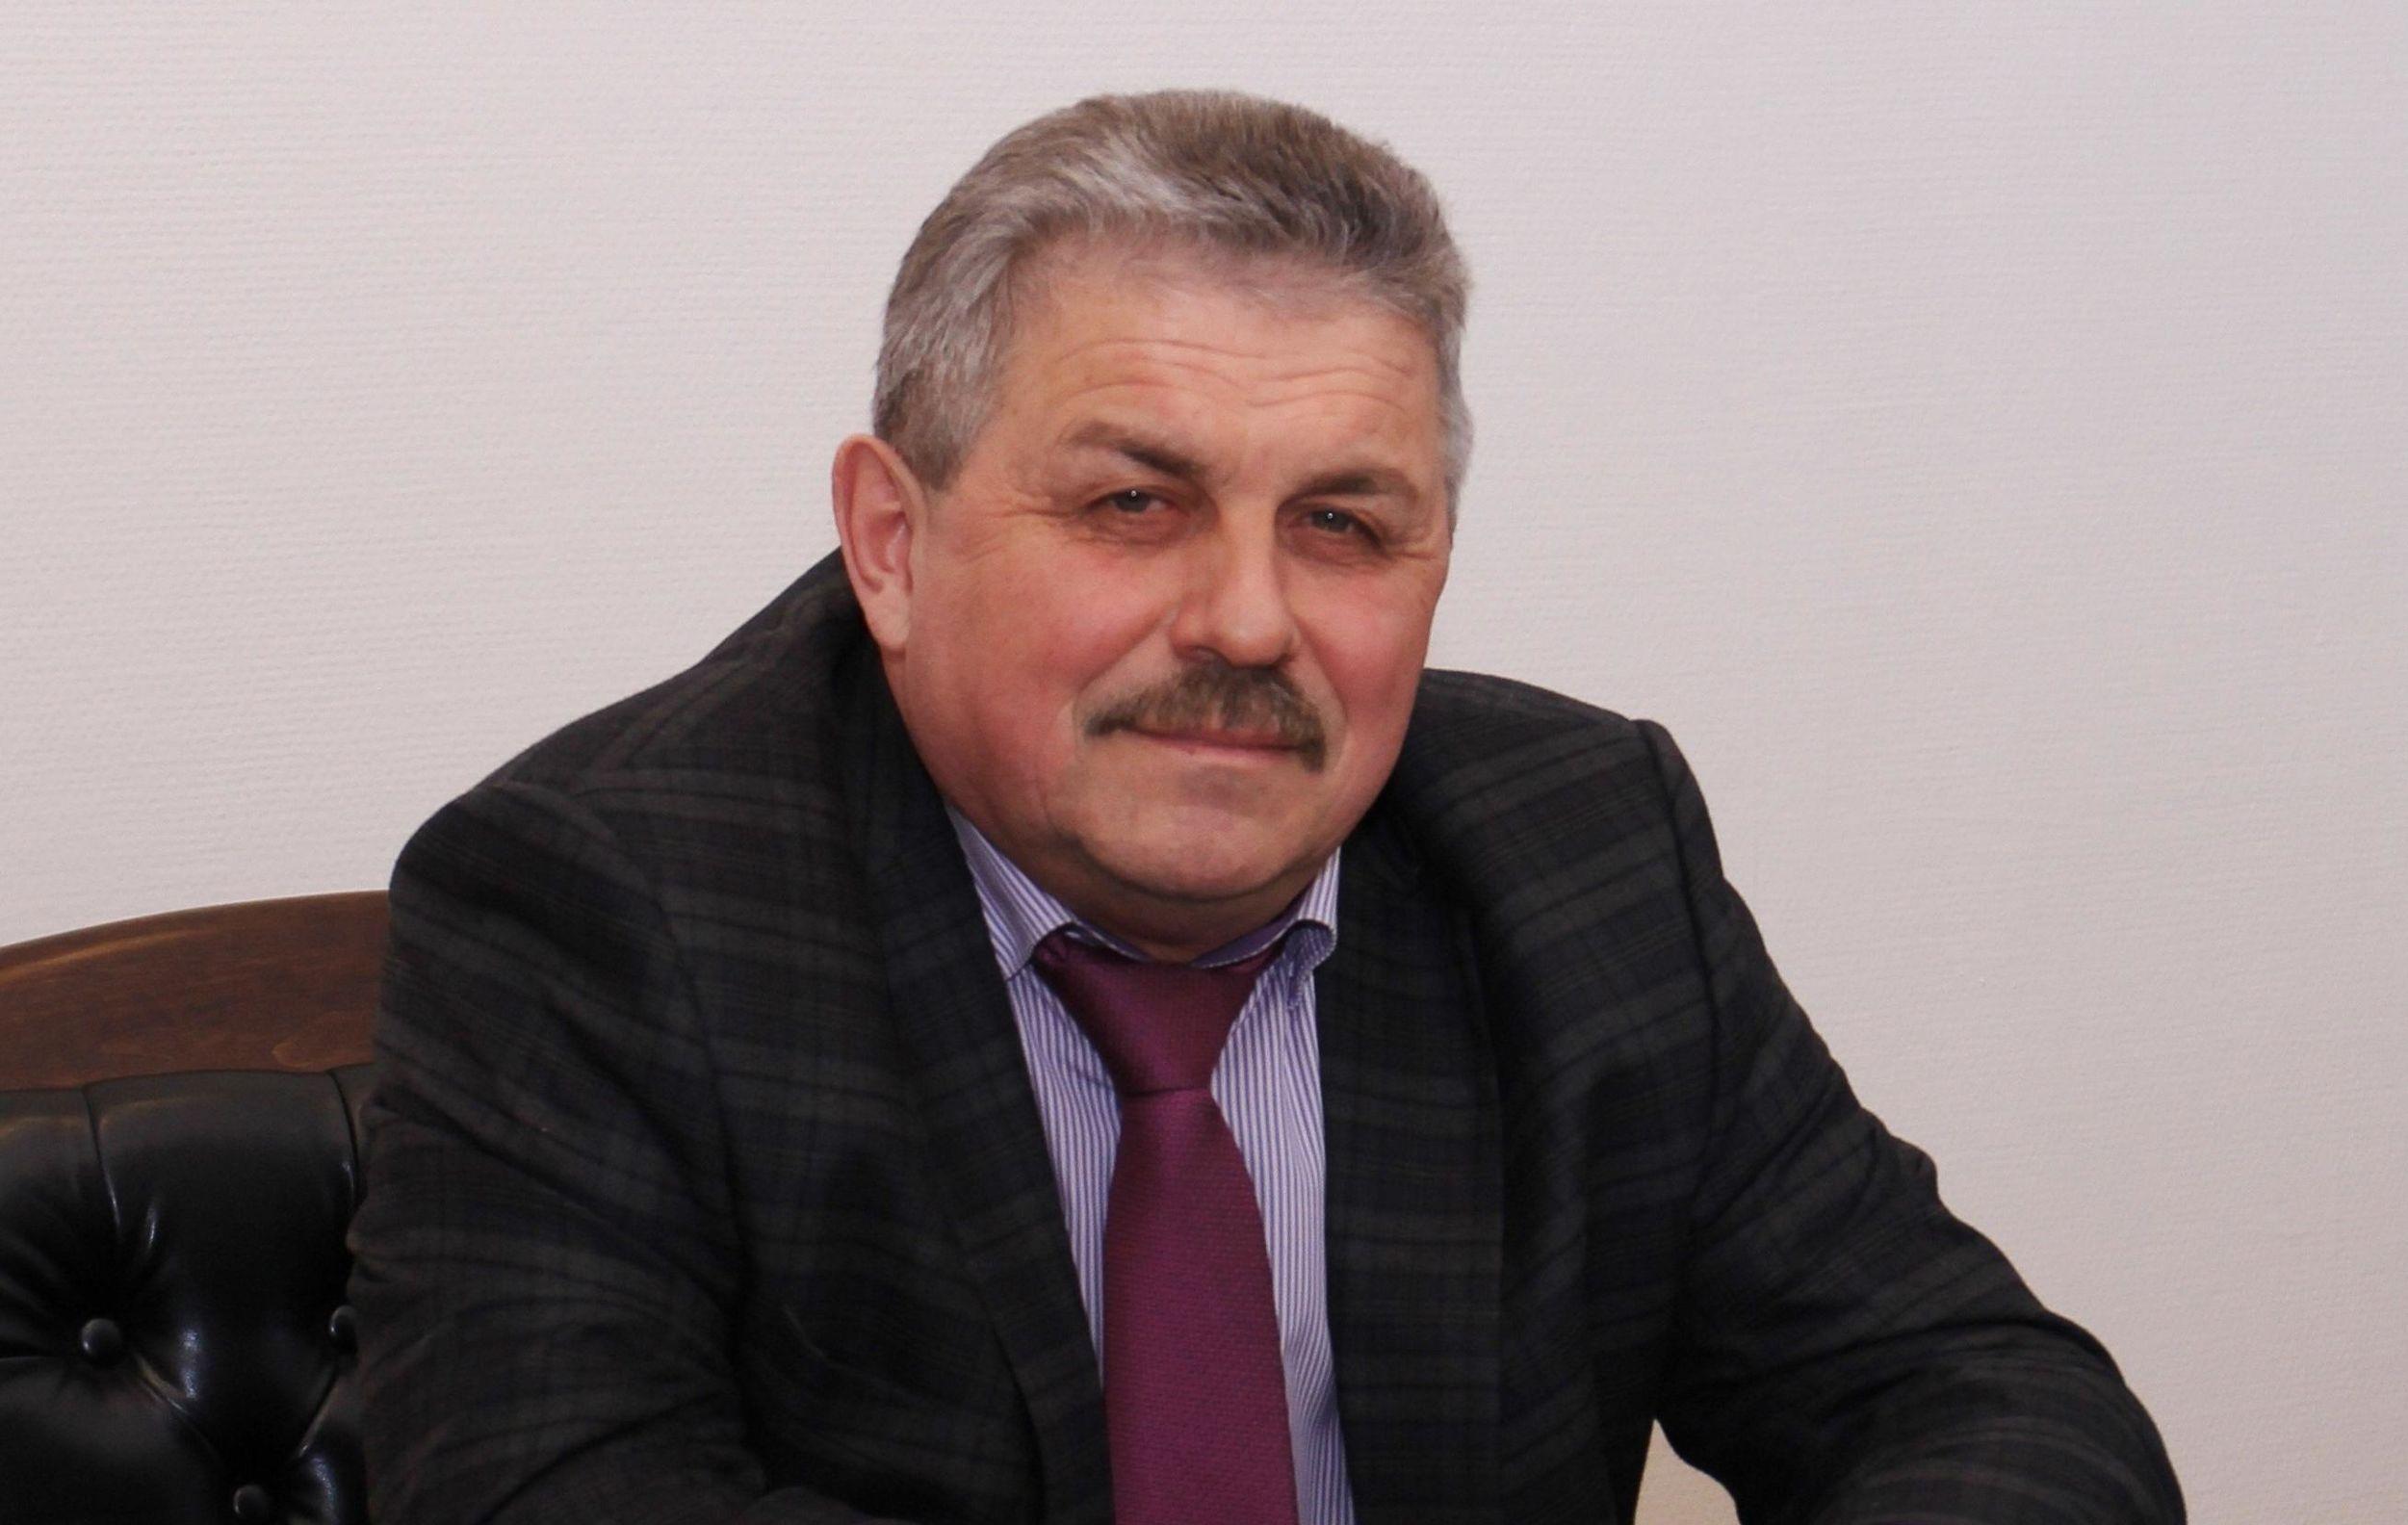 Ипотечные каникулы, защита от разорения и ограничение микрофинансовых фирм: в Ярославле подводят финансовые итоги года